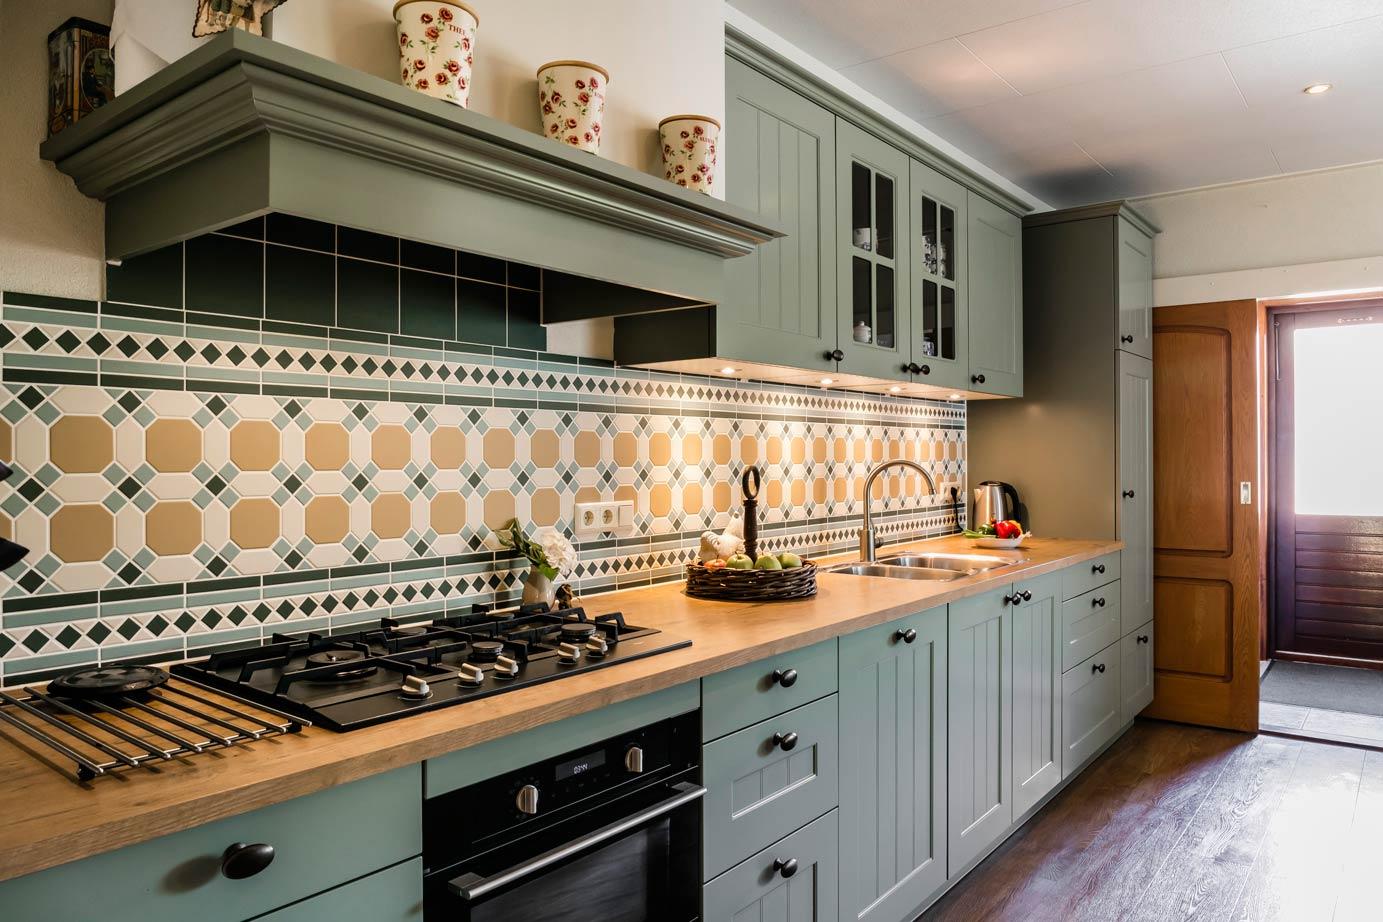 Landelijk Kleuren Keuken : Keukenstudio stoof landelijke keukens stoer en robuust